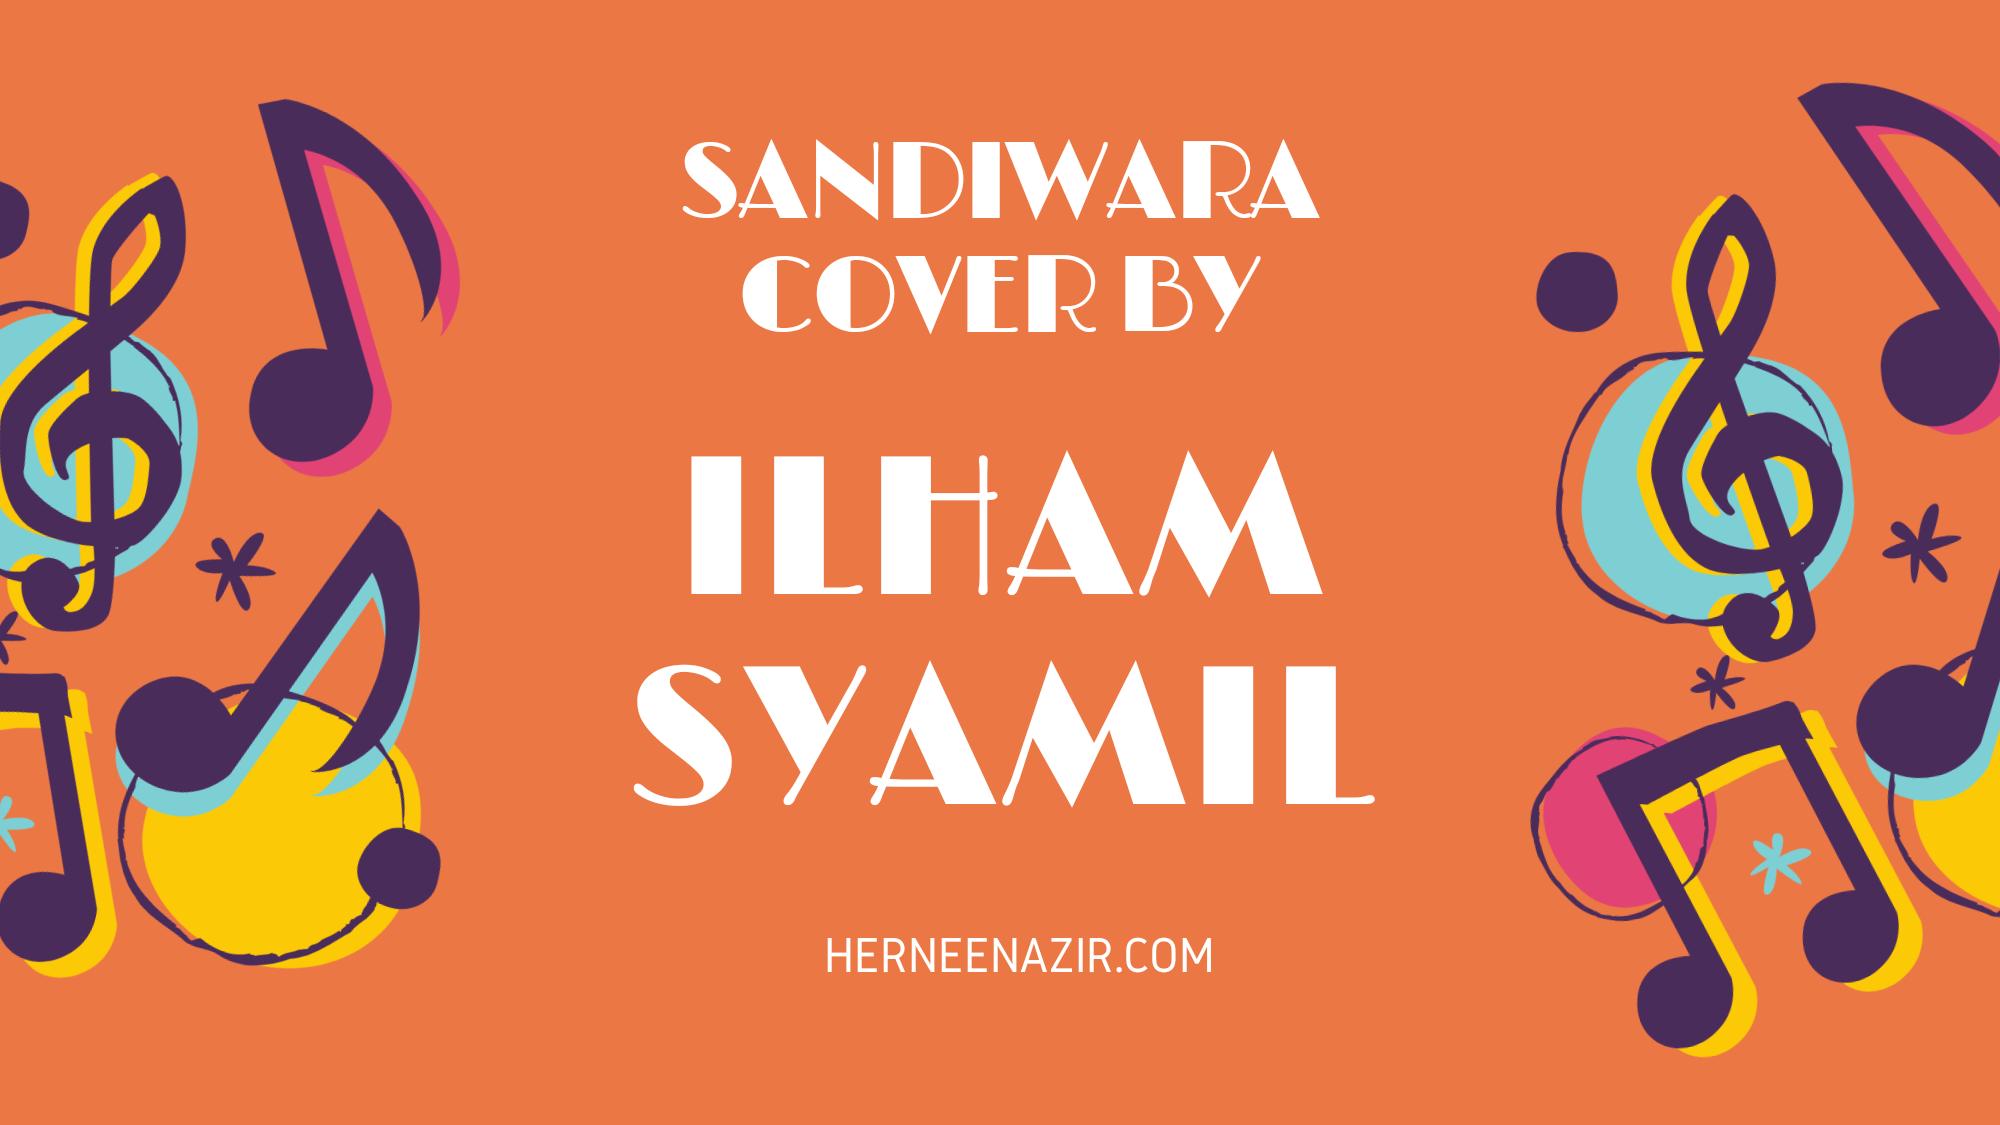 Sandiwara Cover by Ilham Syamil